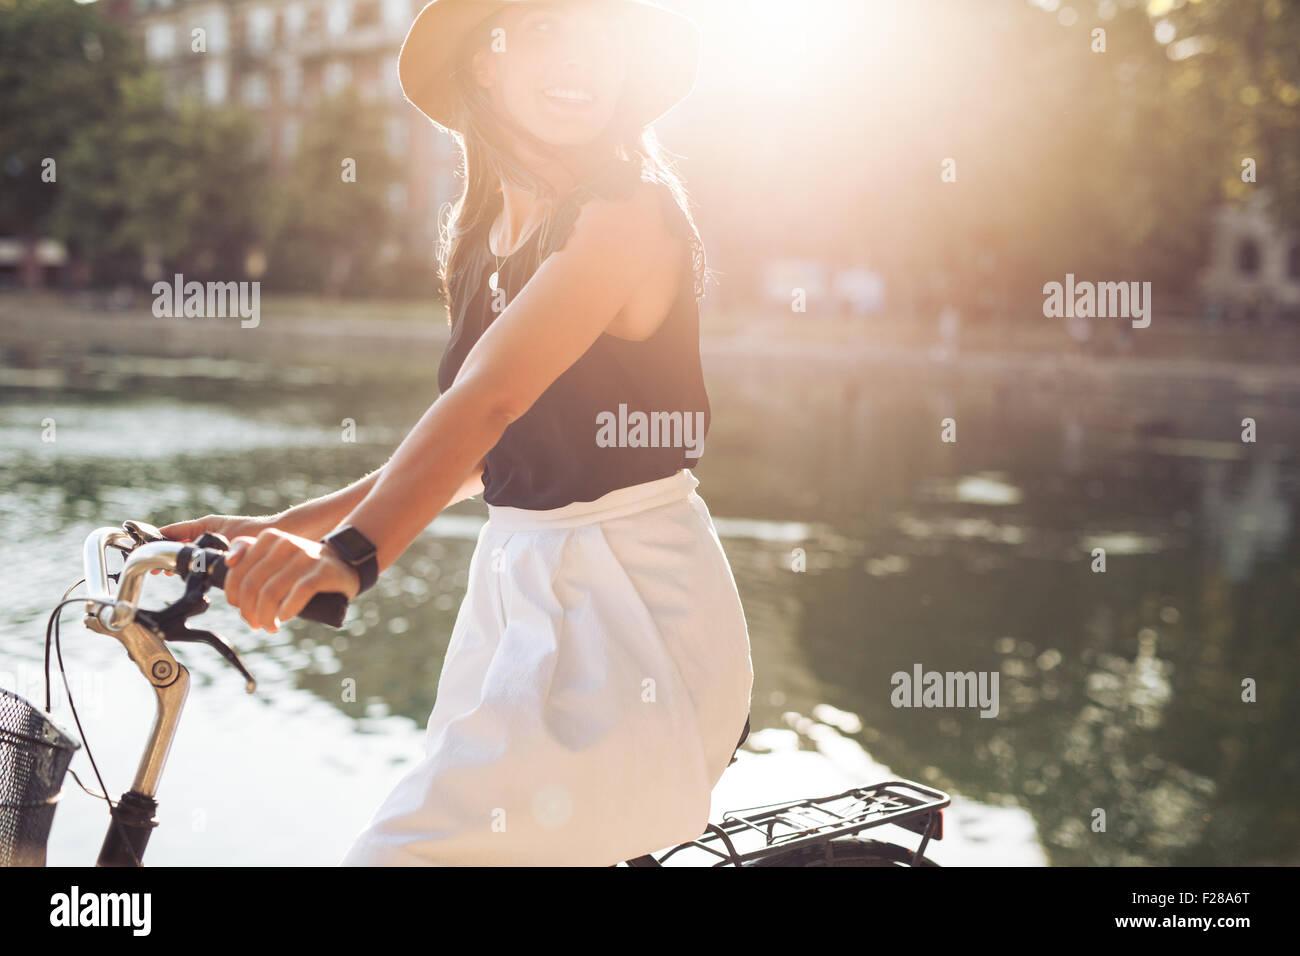 Retrato de mujer bastante joven montando en su bicicleta mirando a otro lado, sonriente, con la llamarada solar. Mujer ciclismo en un día de verano. Foto de stock